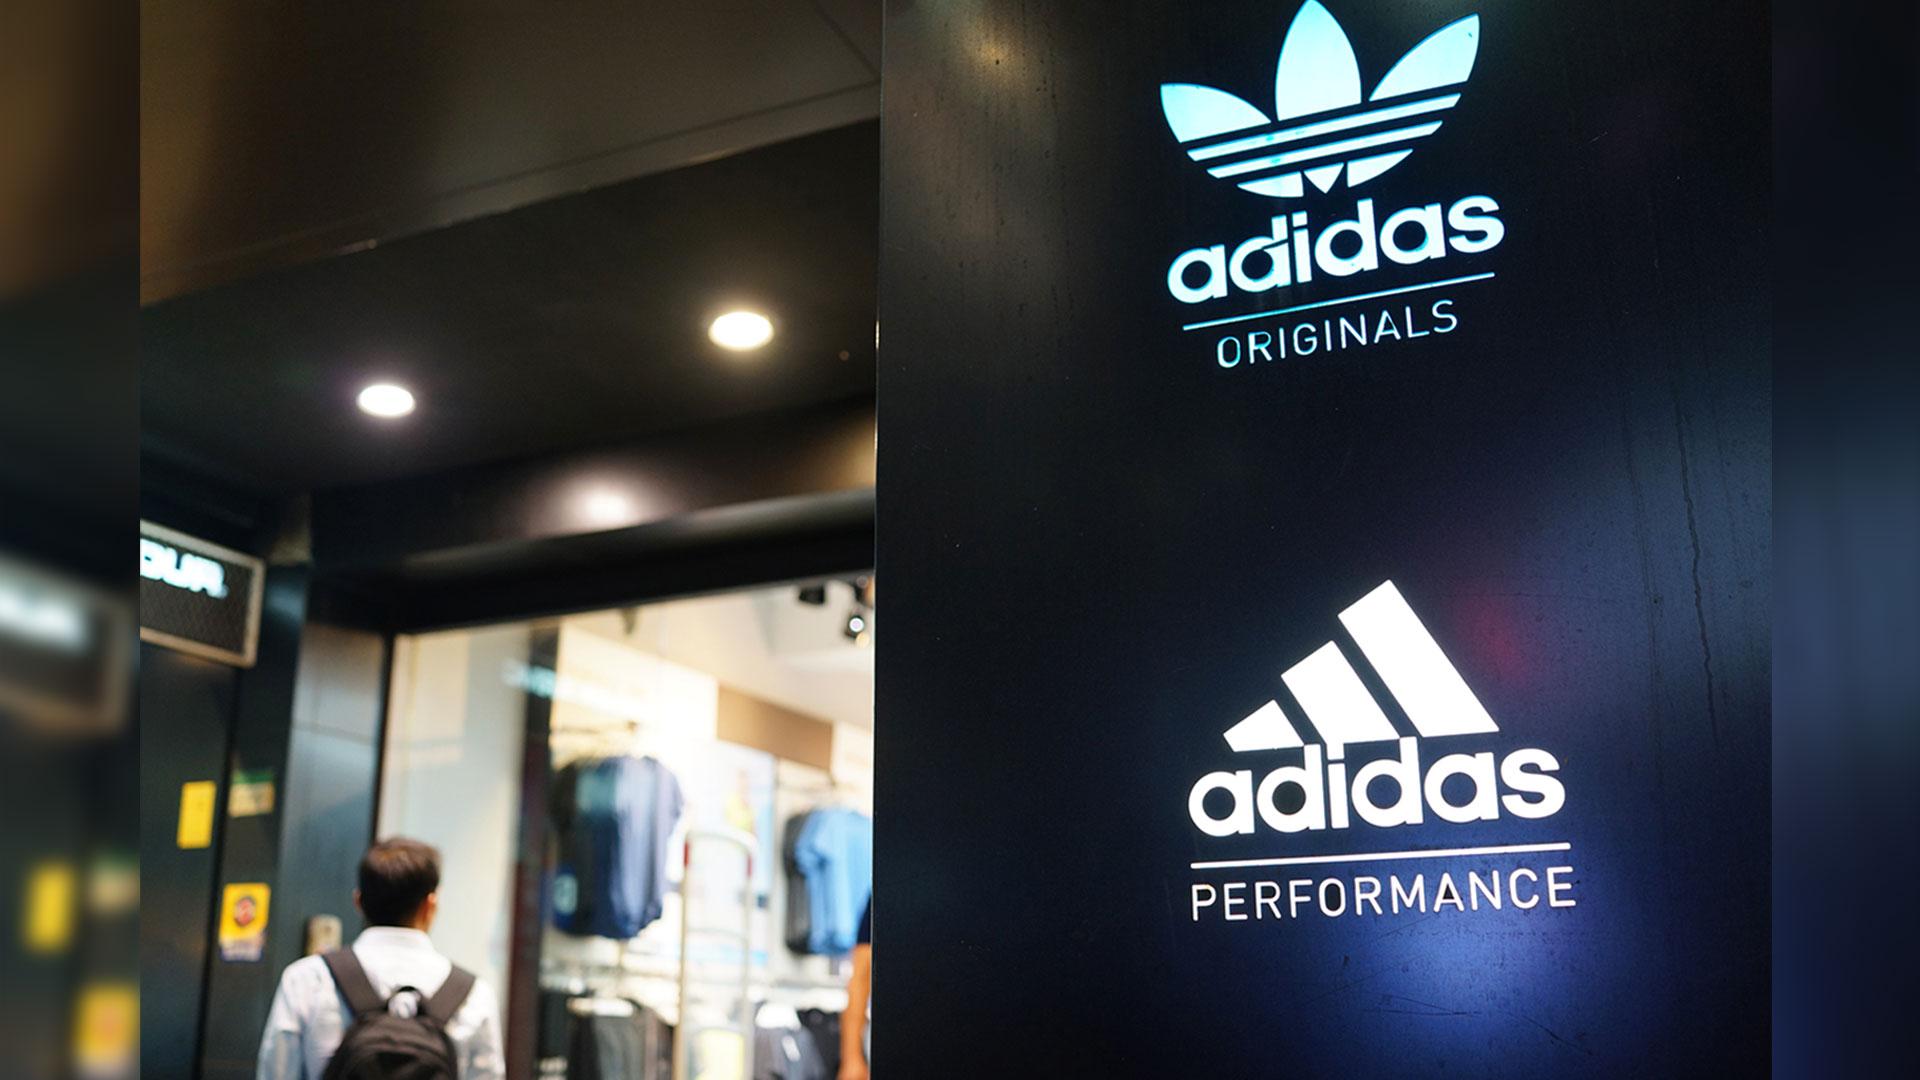 Adidas: A Marketing Retrospective